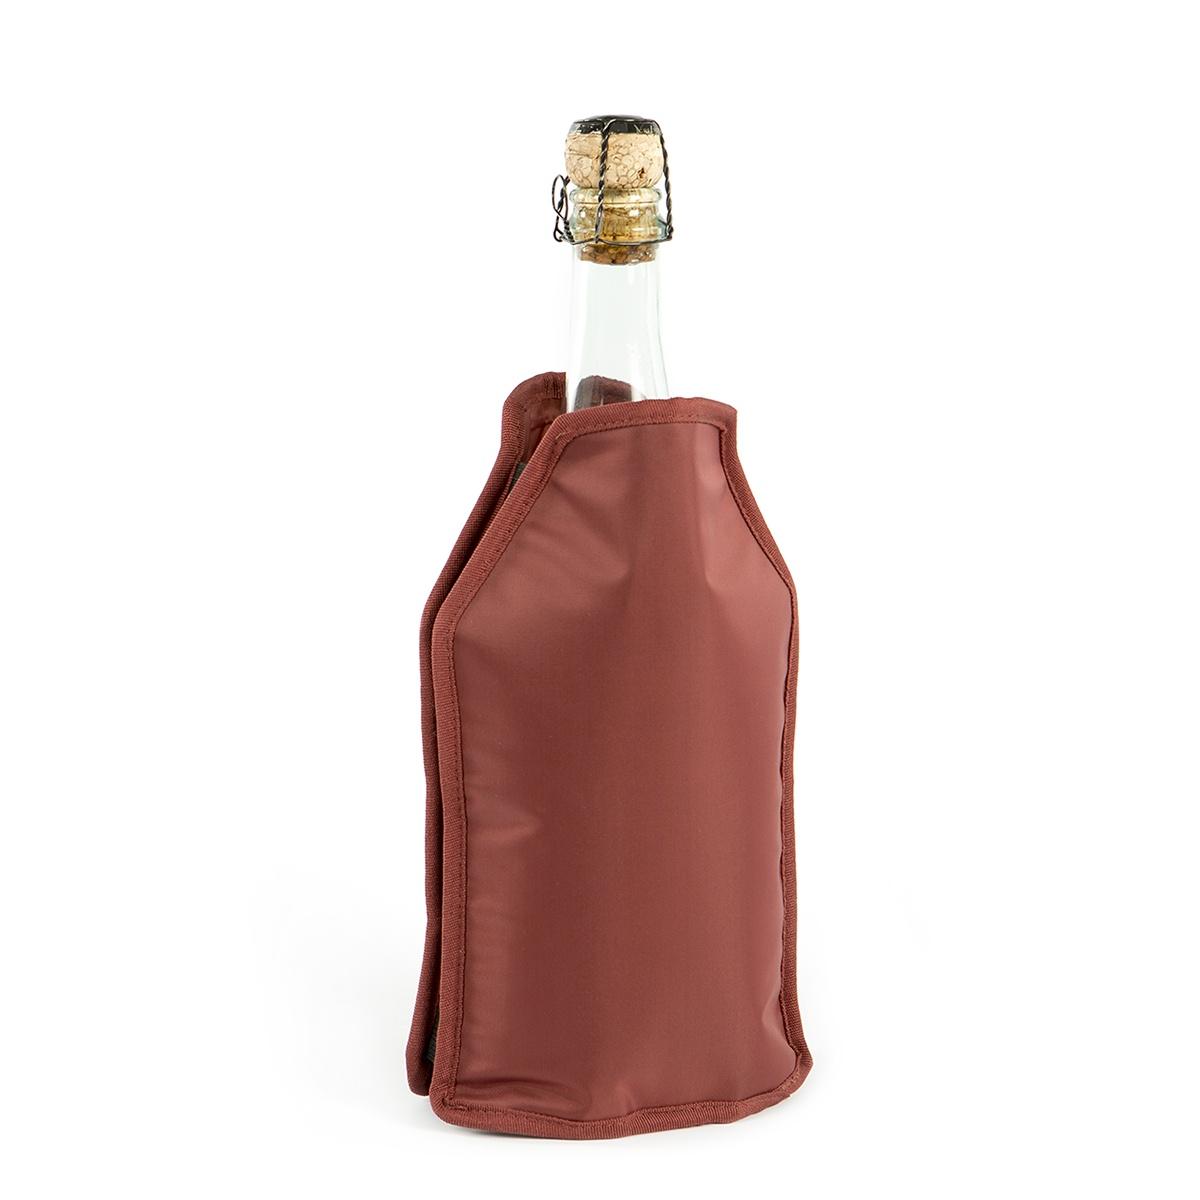 Охладительная рубашка Koala High Tech, бордовая6242EE01Охладительная рубашка High Tech от испанского бренда Koala поможет за 60 минут придать напитку комфортную для употребления температуру и поддерживать ее на протяжении долгого времени. Идеально подходит для бутылок с водой, вином или шампанским из-за его бокового эластичного ремешка. Особенности охладительной рубашки High Tech:• Съемный гелевый слой, позволяющий охладить напиток за 1 час• Противоскользящий ремень, предотвращающий также случайное выпадение бутылки• Универсальность - специальные эластичные ленты позволяют использовать рубашку для любых видов бутылок • Основа – из плотной ткани бордового цветаИнструкция по использованию:• Охладите предварительно гелевый пакет в морозильнике• Поместите ее внутрь рубашки и наденьте на бутылку вина• Подождите около 40-60 минут• Напиток готов к употреблениюИнформацию по рекомендуемым температурам охлаждения вин вы можете найти на упаковке товара. В процессе употребления бутылка может находиться в рубашке для поддержания температуры вина. Проверенный барный девайс для дома, идеален и в качестве подарка. Произведено в Испании. Поставляется в подарочной упаковке.